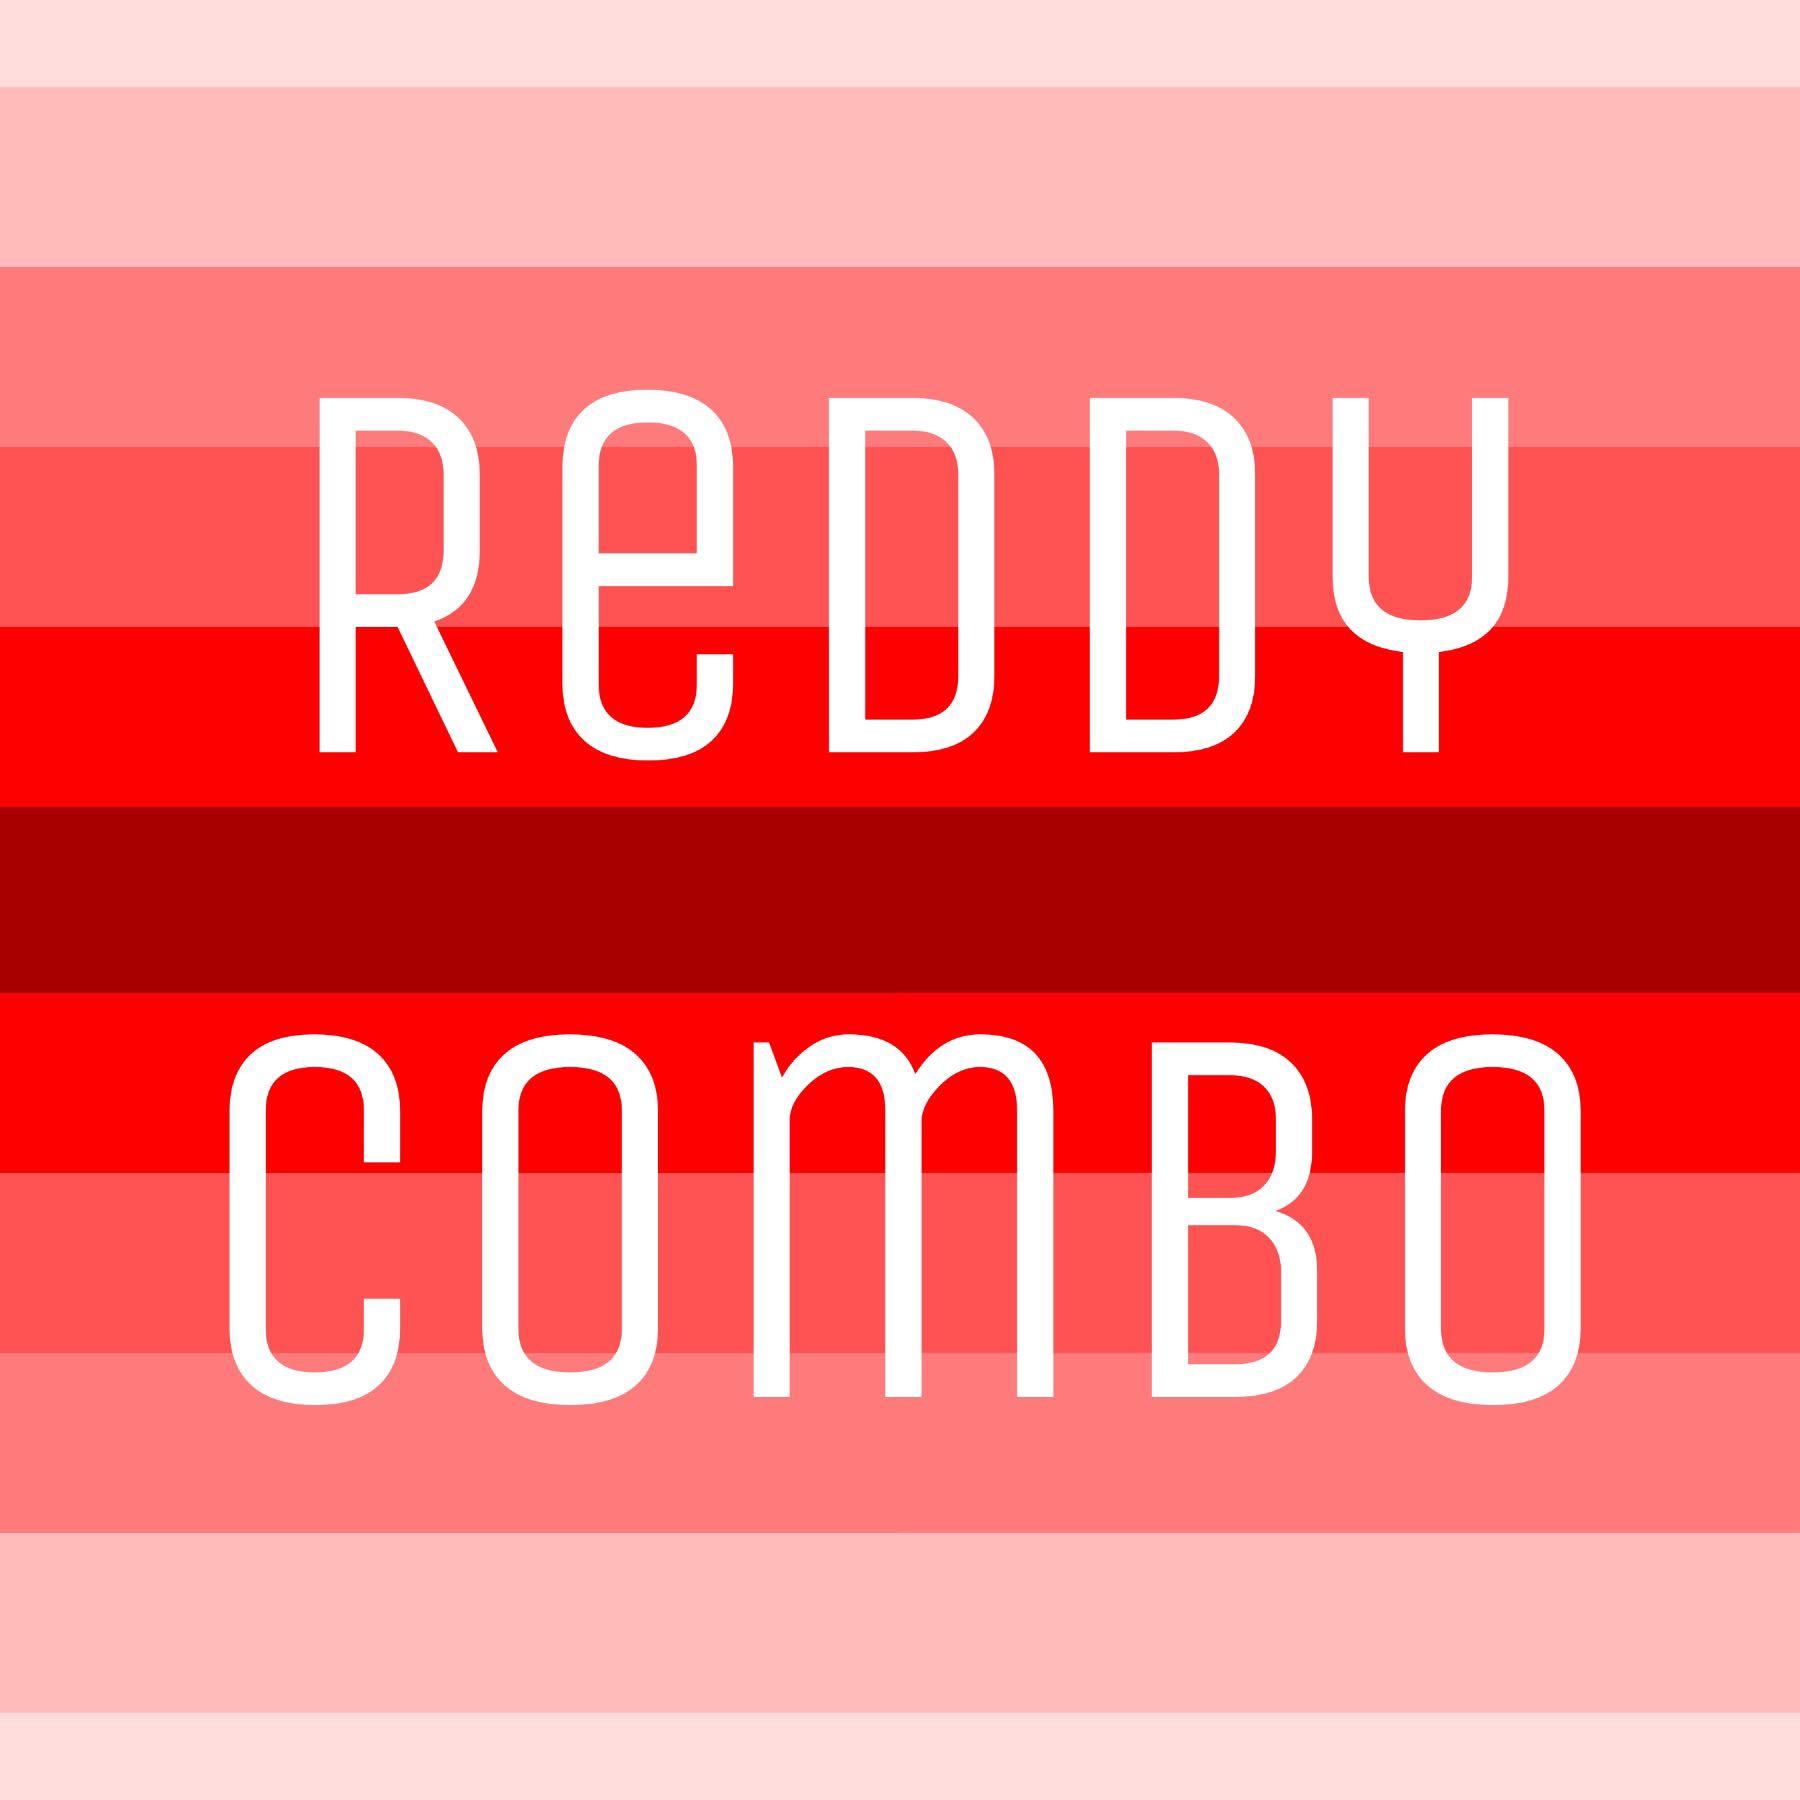 reddycombo